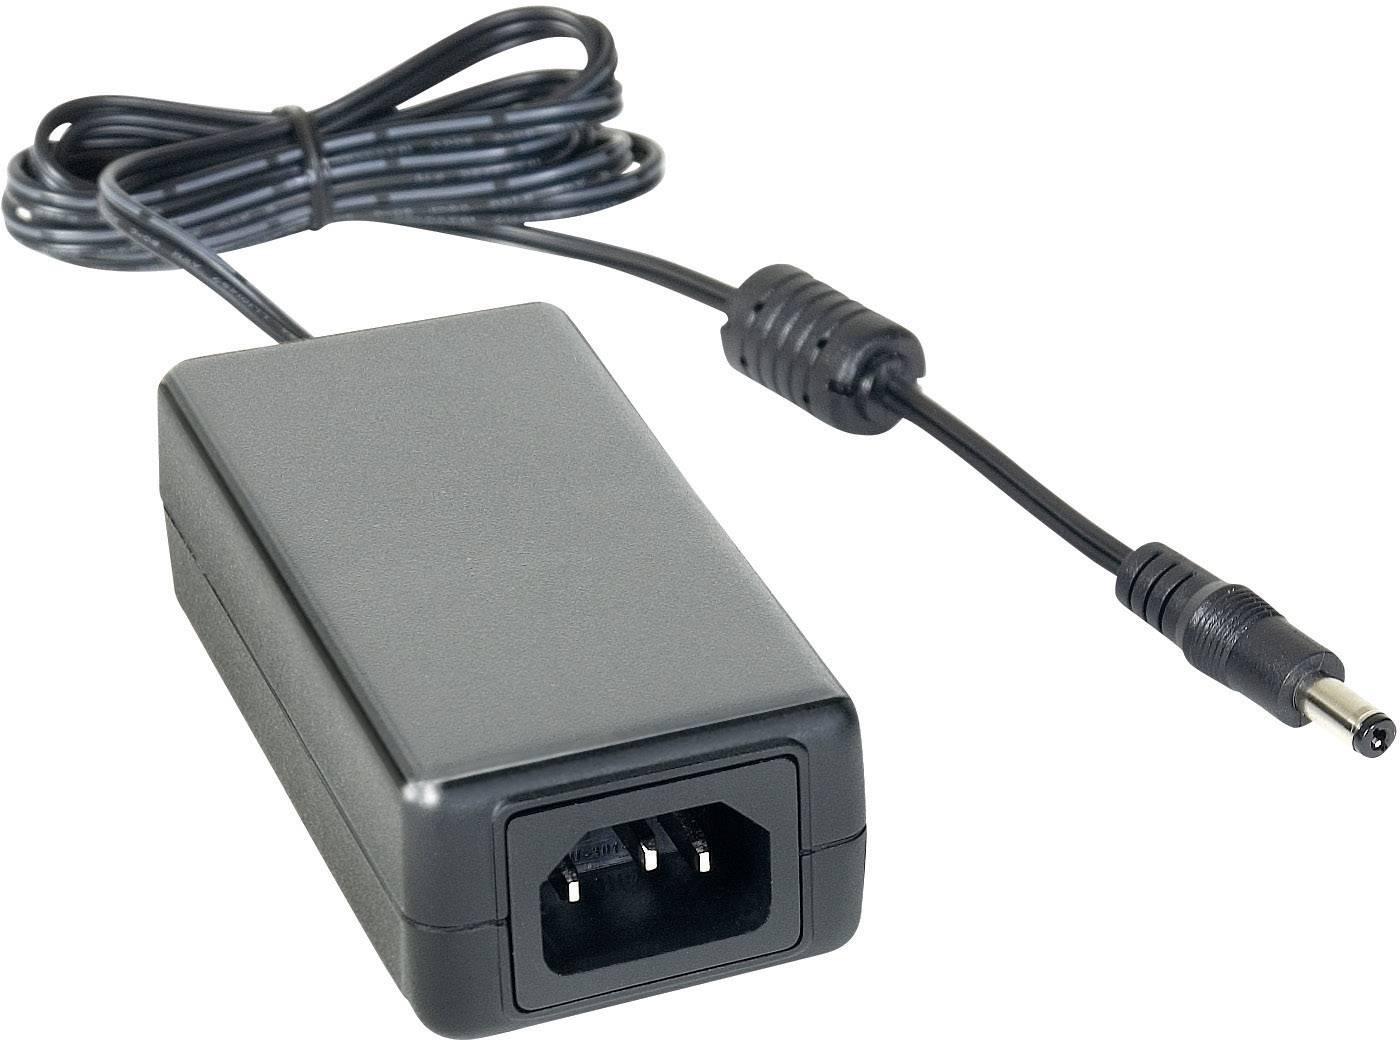 Síťový adaptér Dehner Elektronik 26497, 24 V/DC, 1,25 A